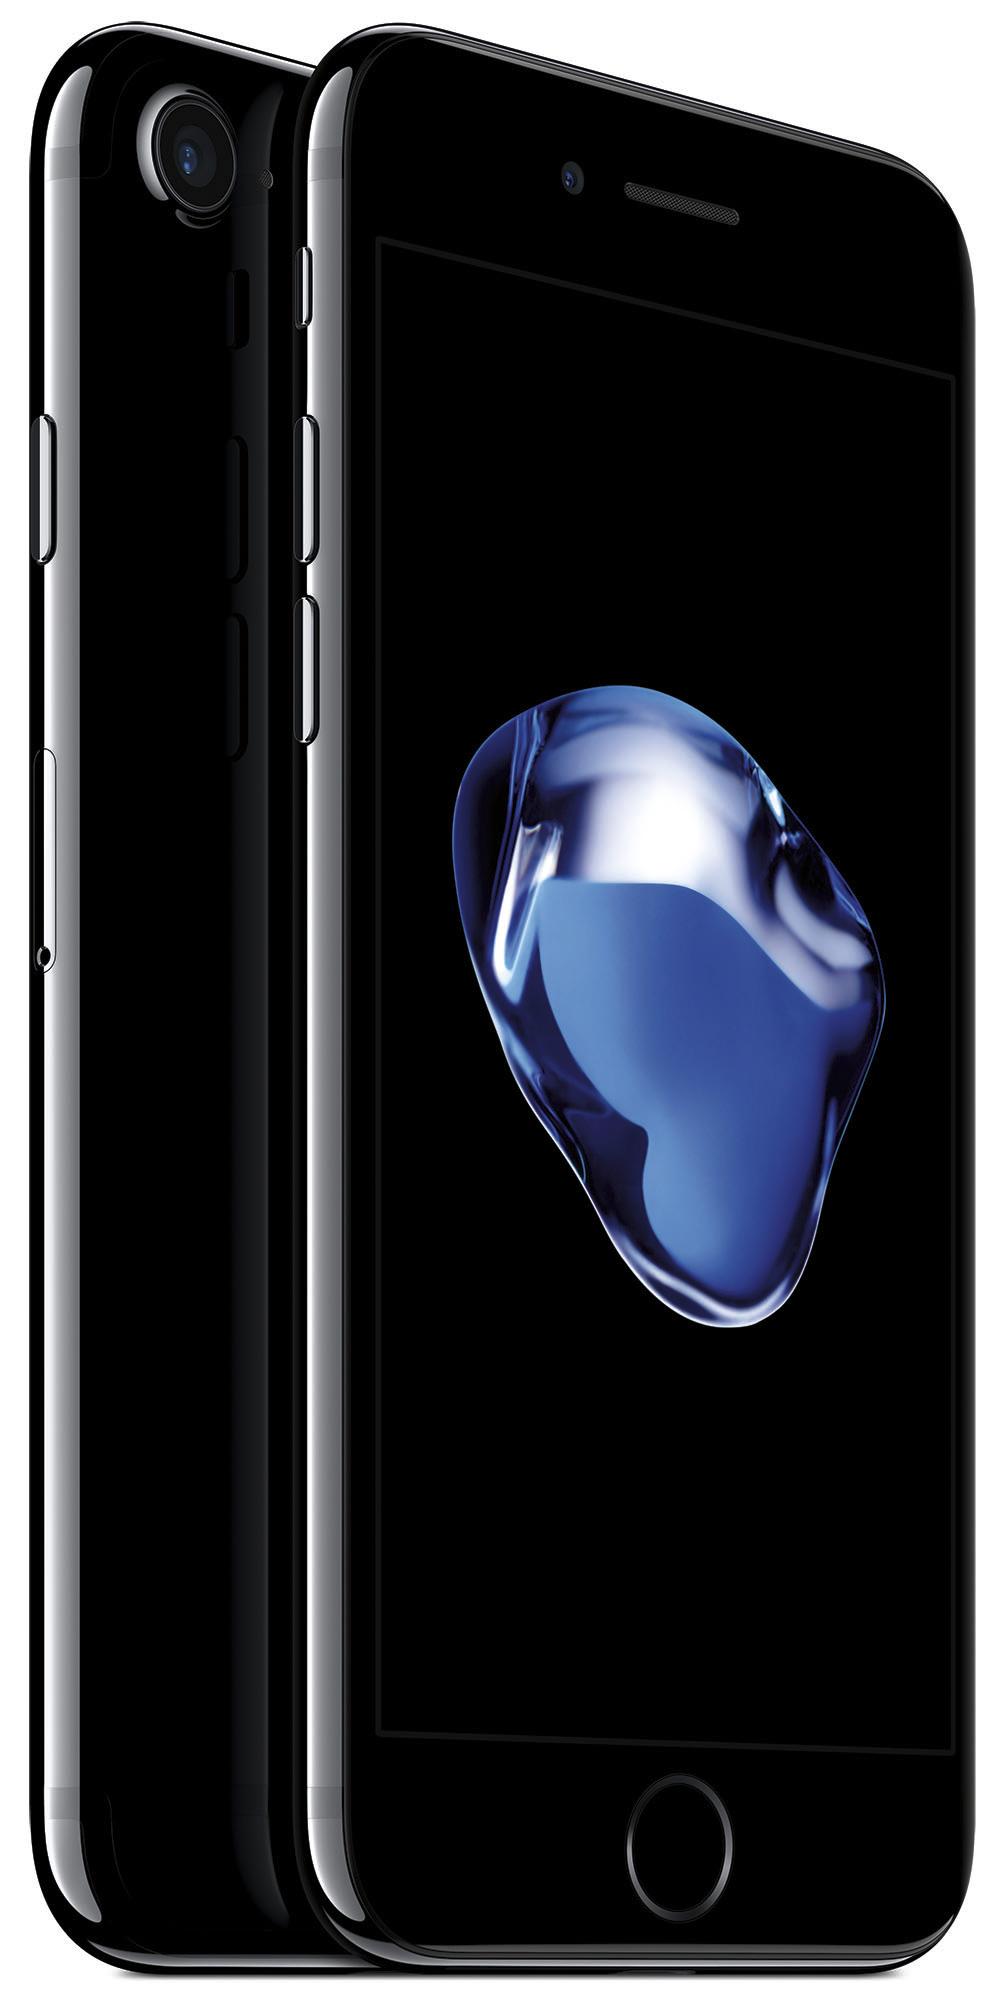 Apple iPhone 7 32GB (черный оникс)